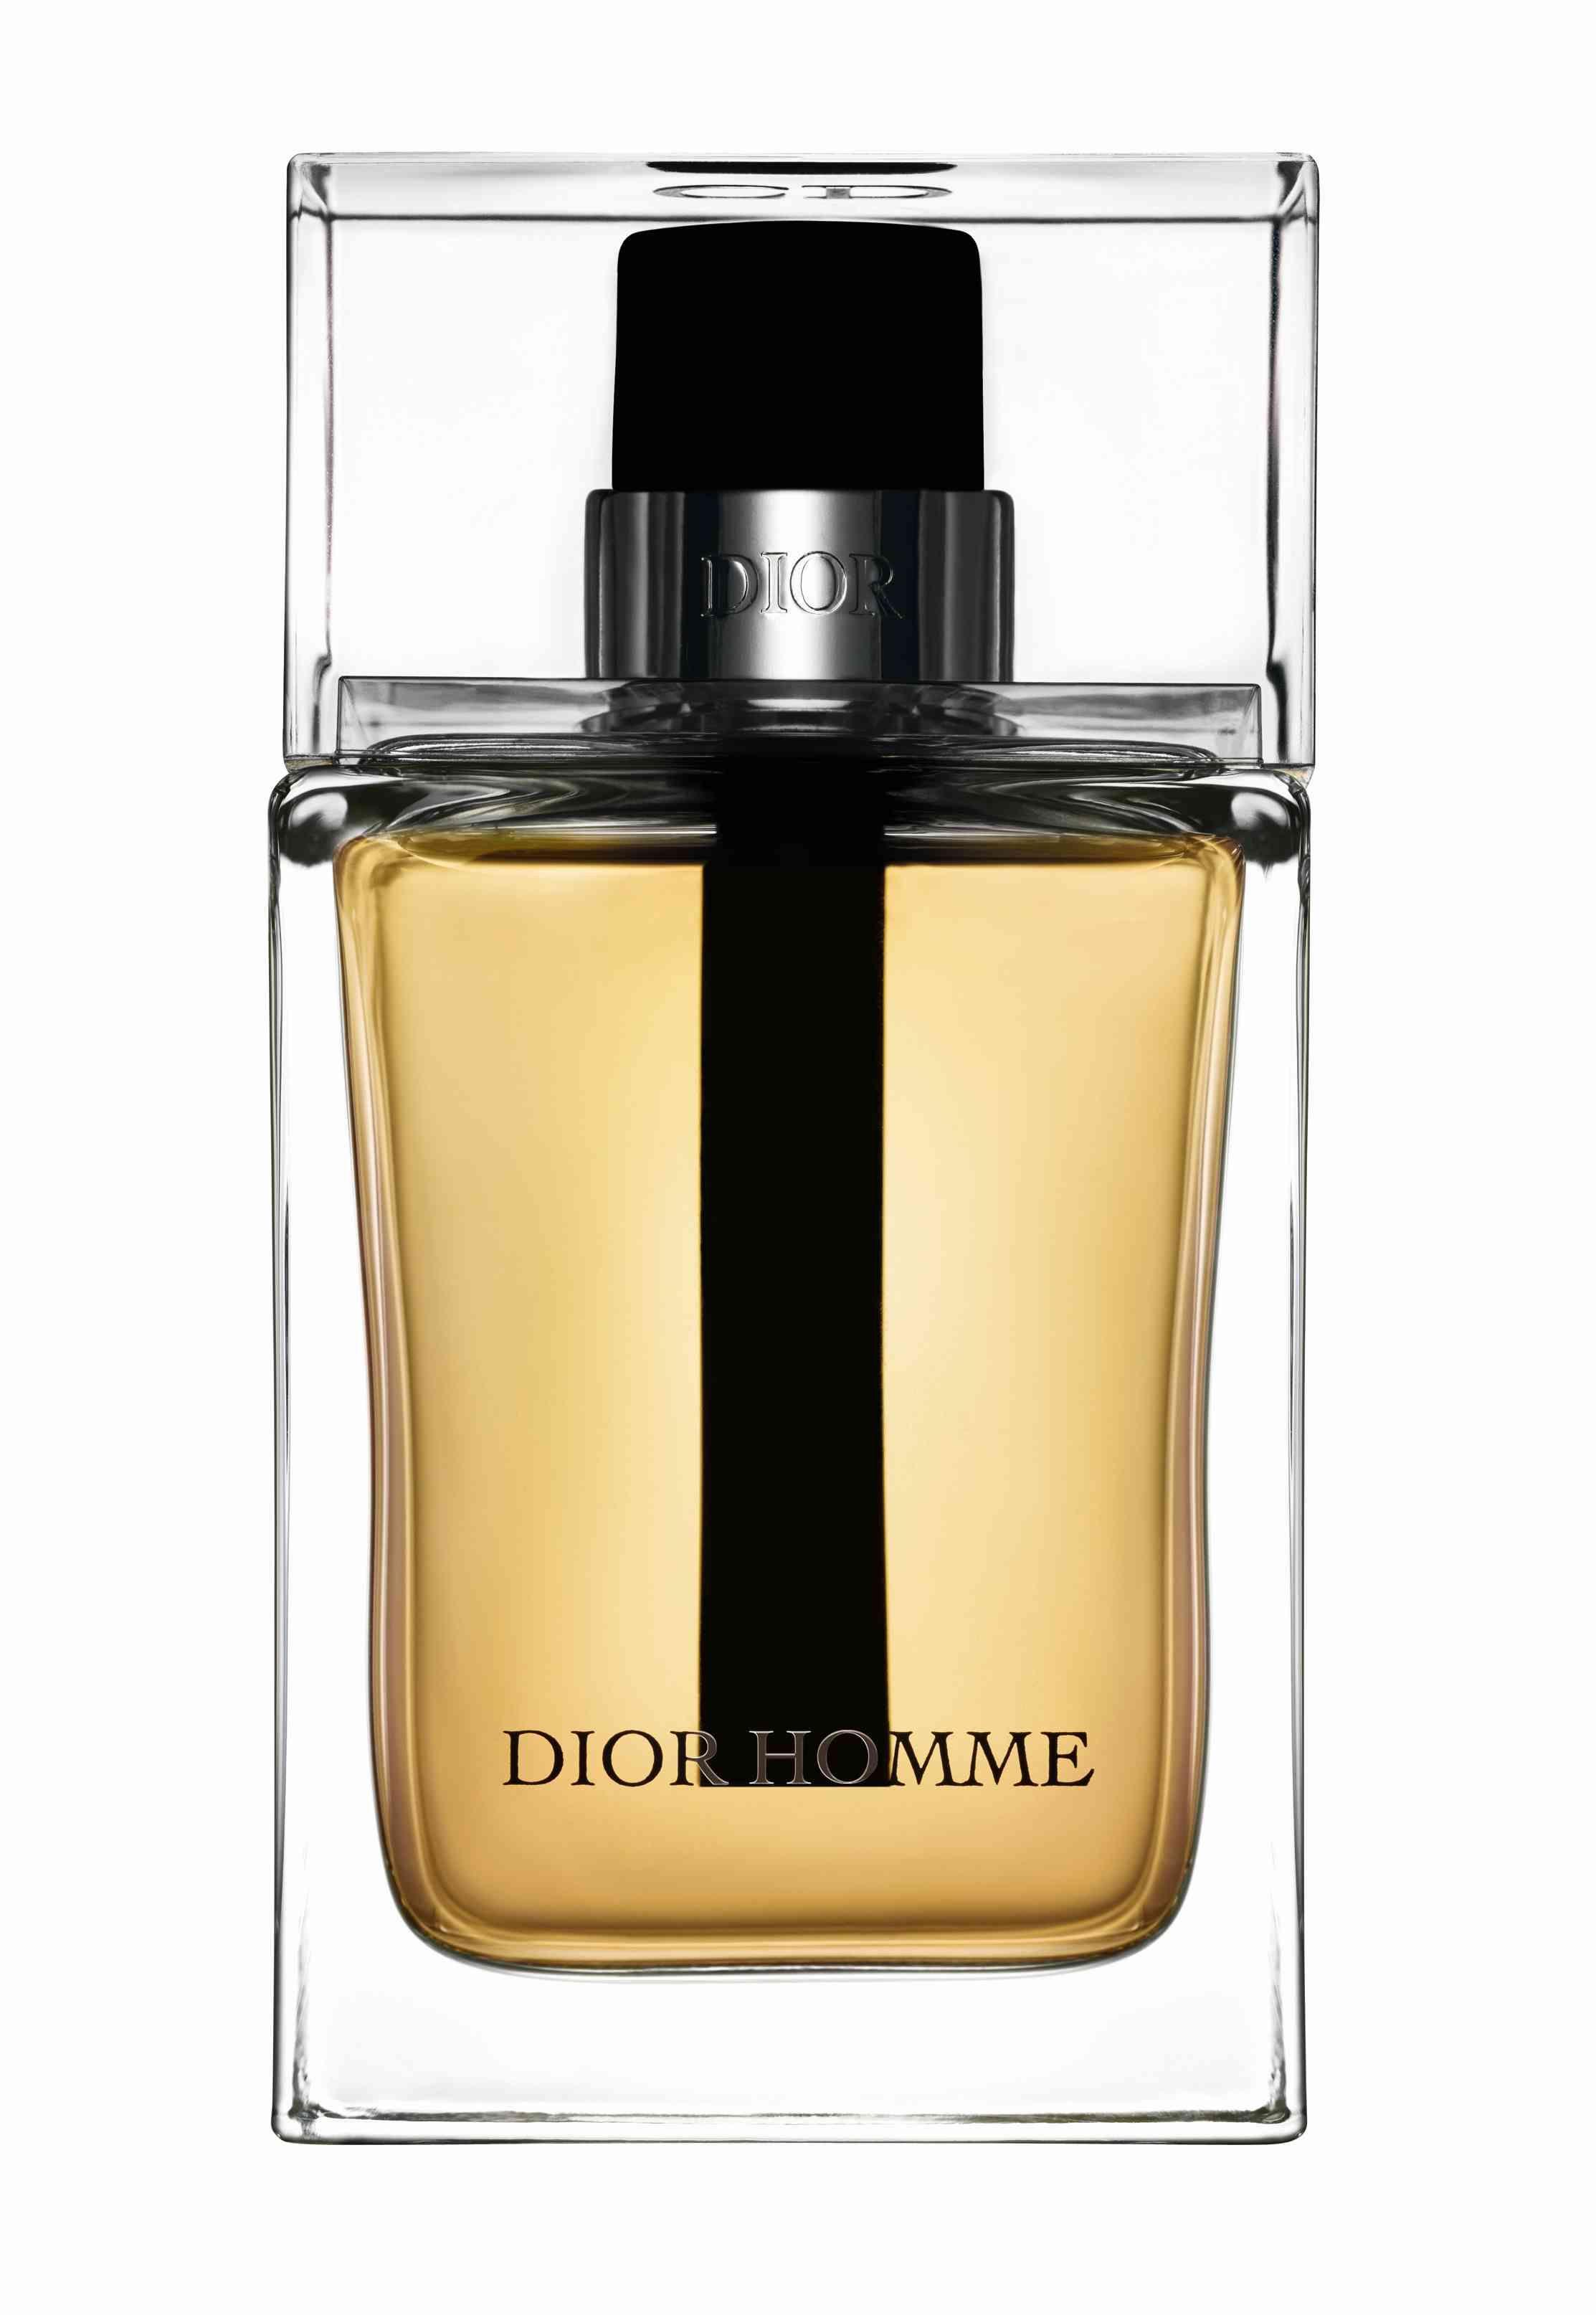 92d1dffeccd Dior Homme Christian Dior Colonia - una fragancia para Hombres 2011 Las  Notas de Salida son lavanda